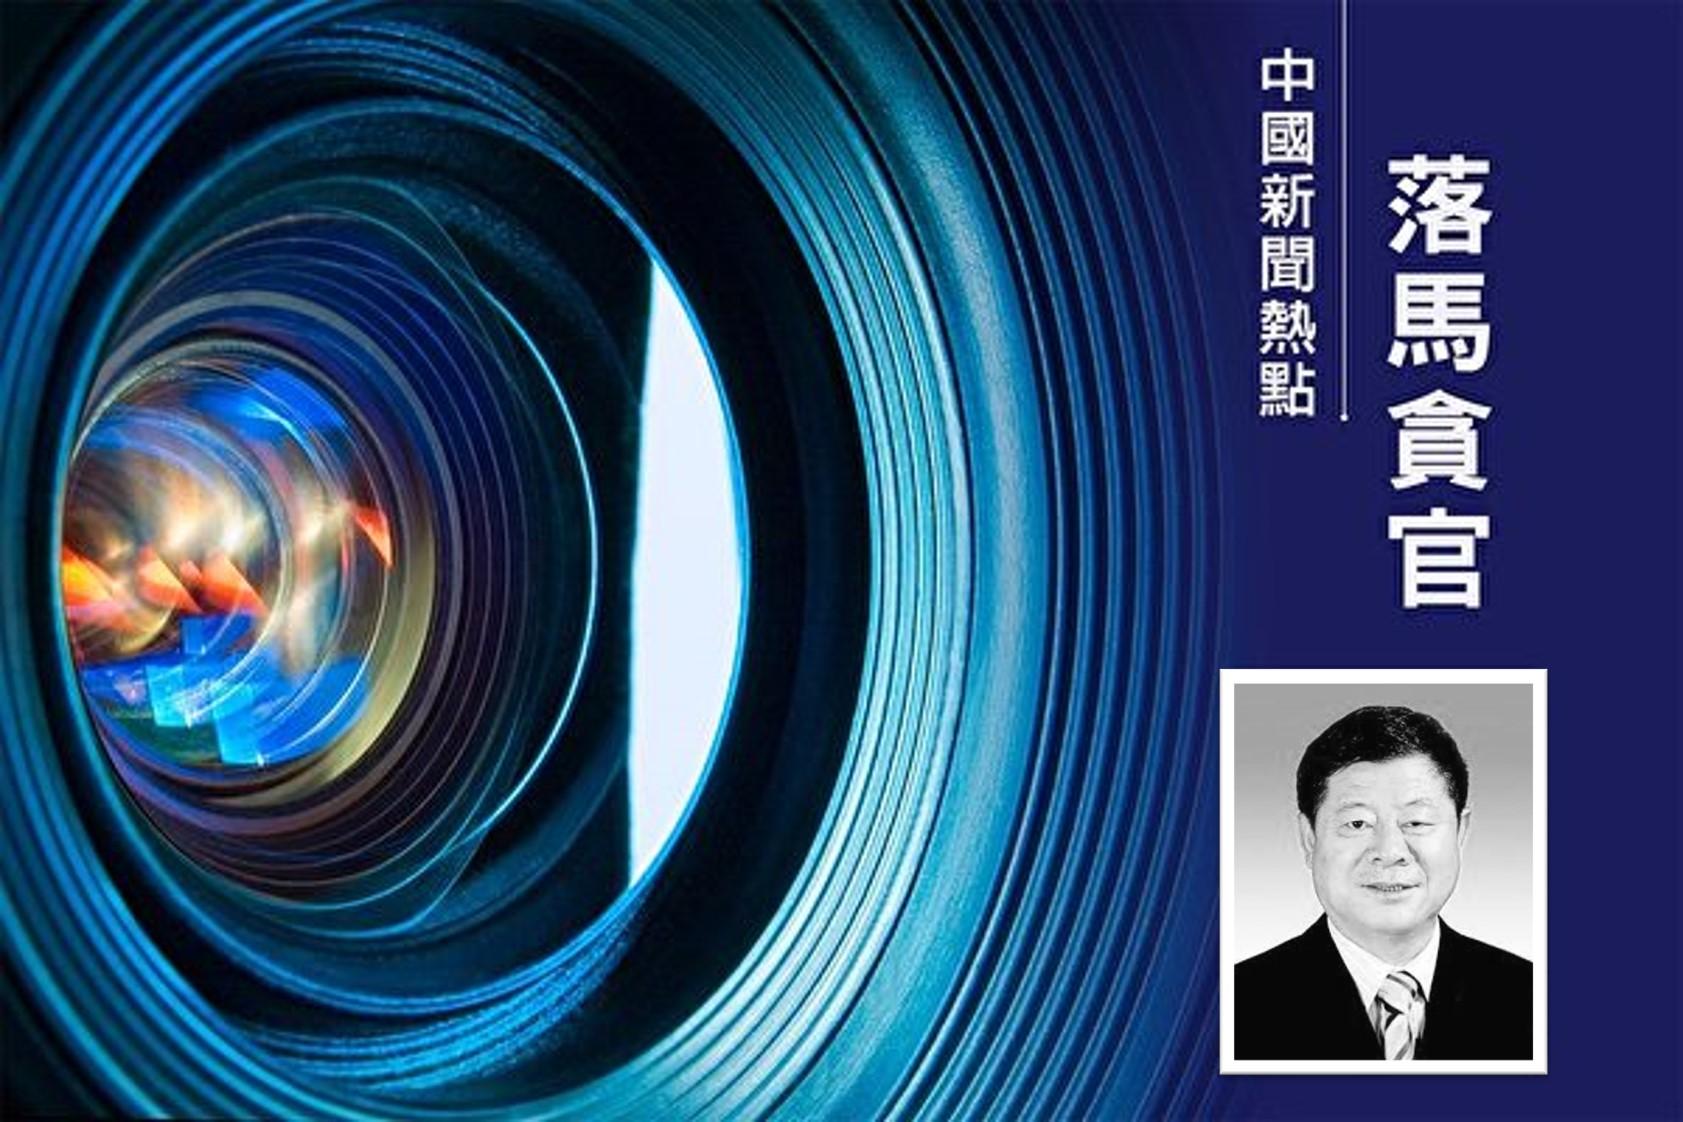 2021年2月21日,退休三年的貴州省前政協主席王富玉被查。王富玉成為中國新年後首名省部級老虎。(大紀元合成圖片)